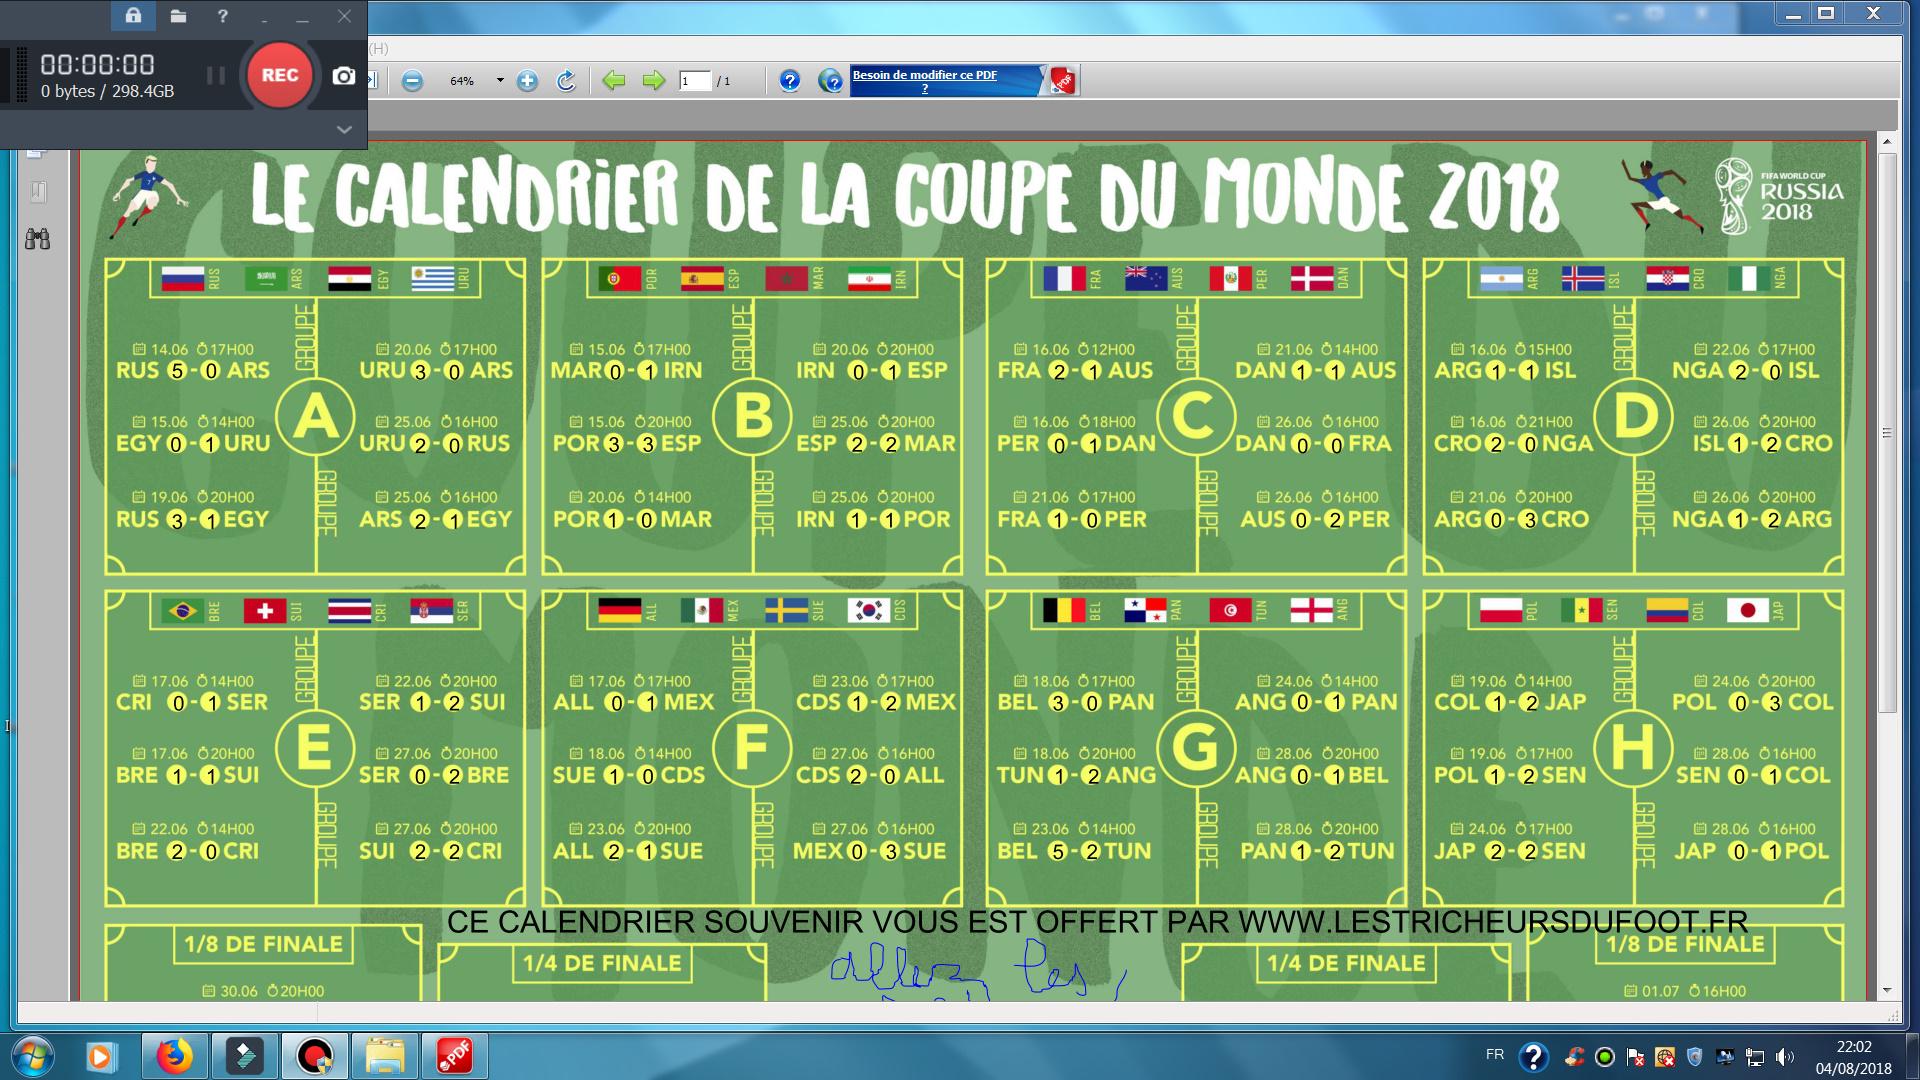 Resultats Des Matches Des 8 Groupes Jusqu A La Finale